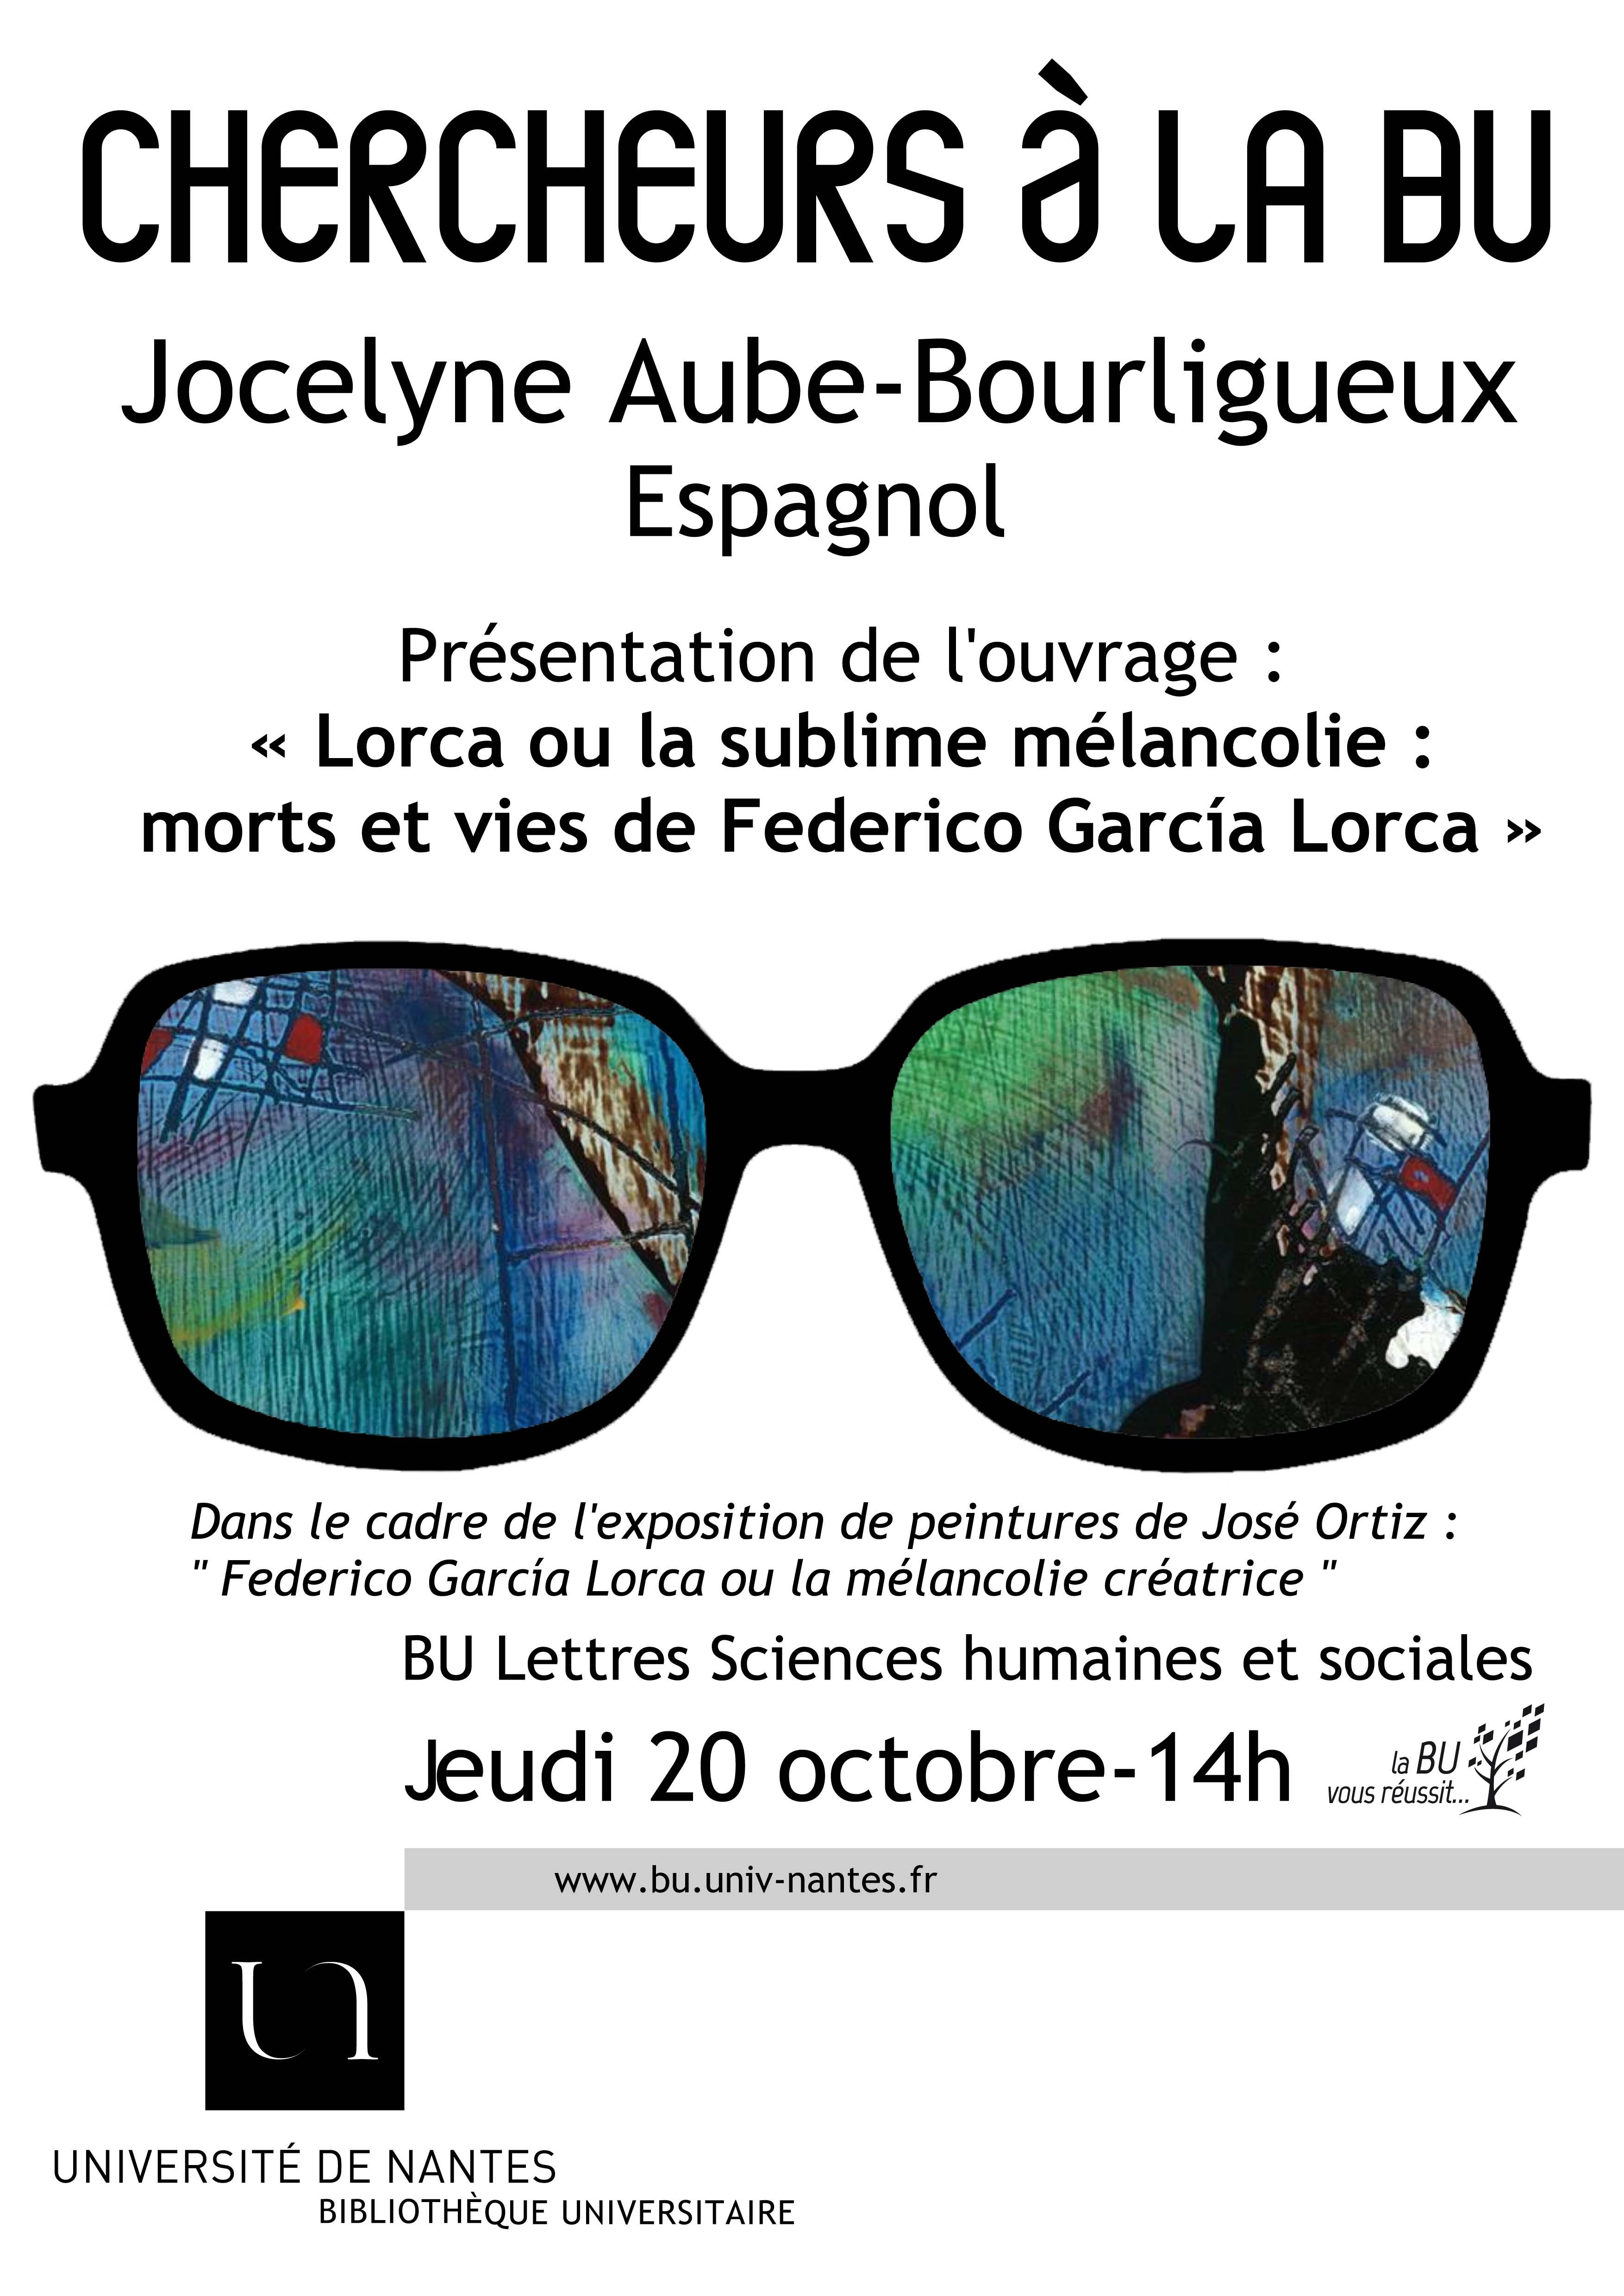 Chercheurs à la BU - Jocelyne Aubé-Bourligueux